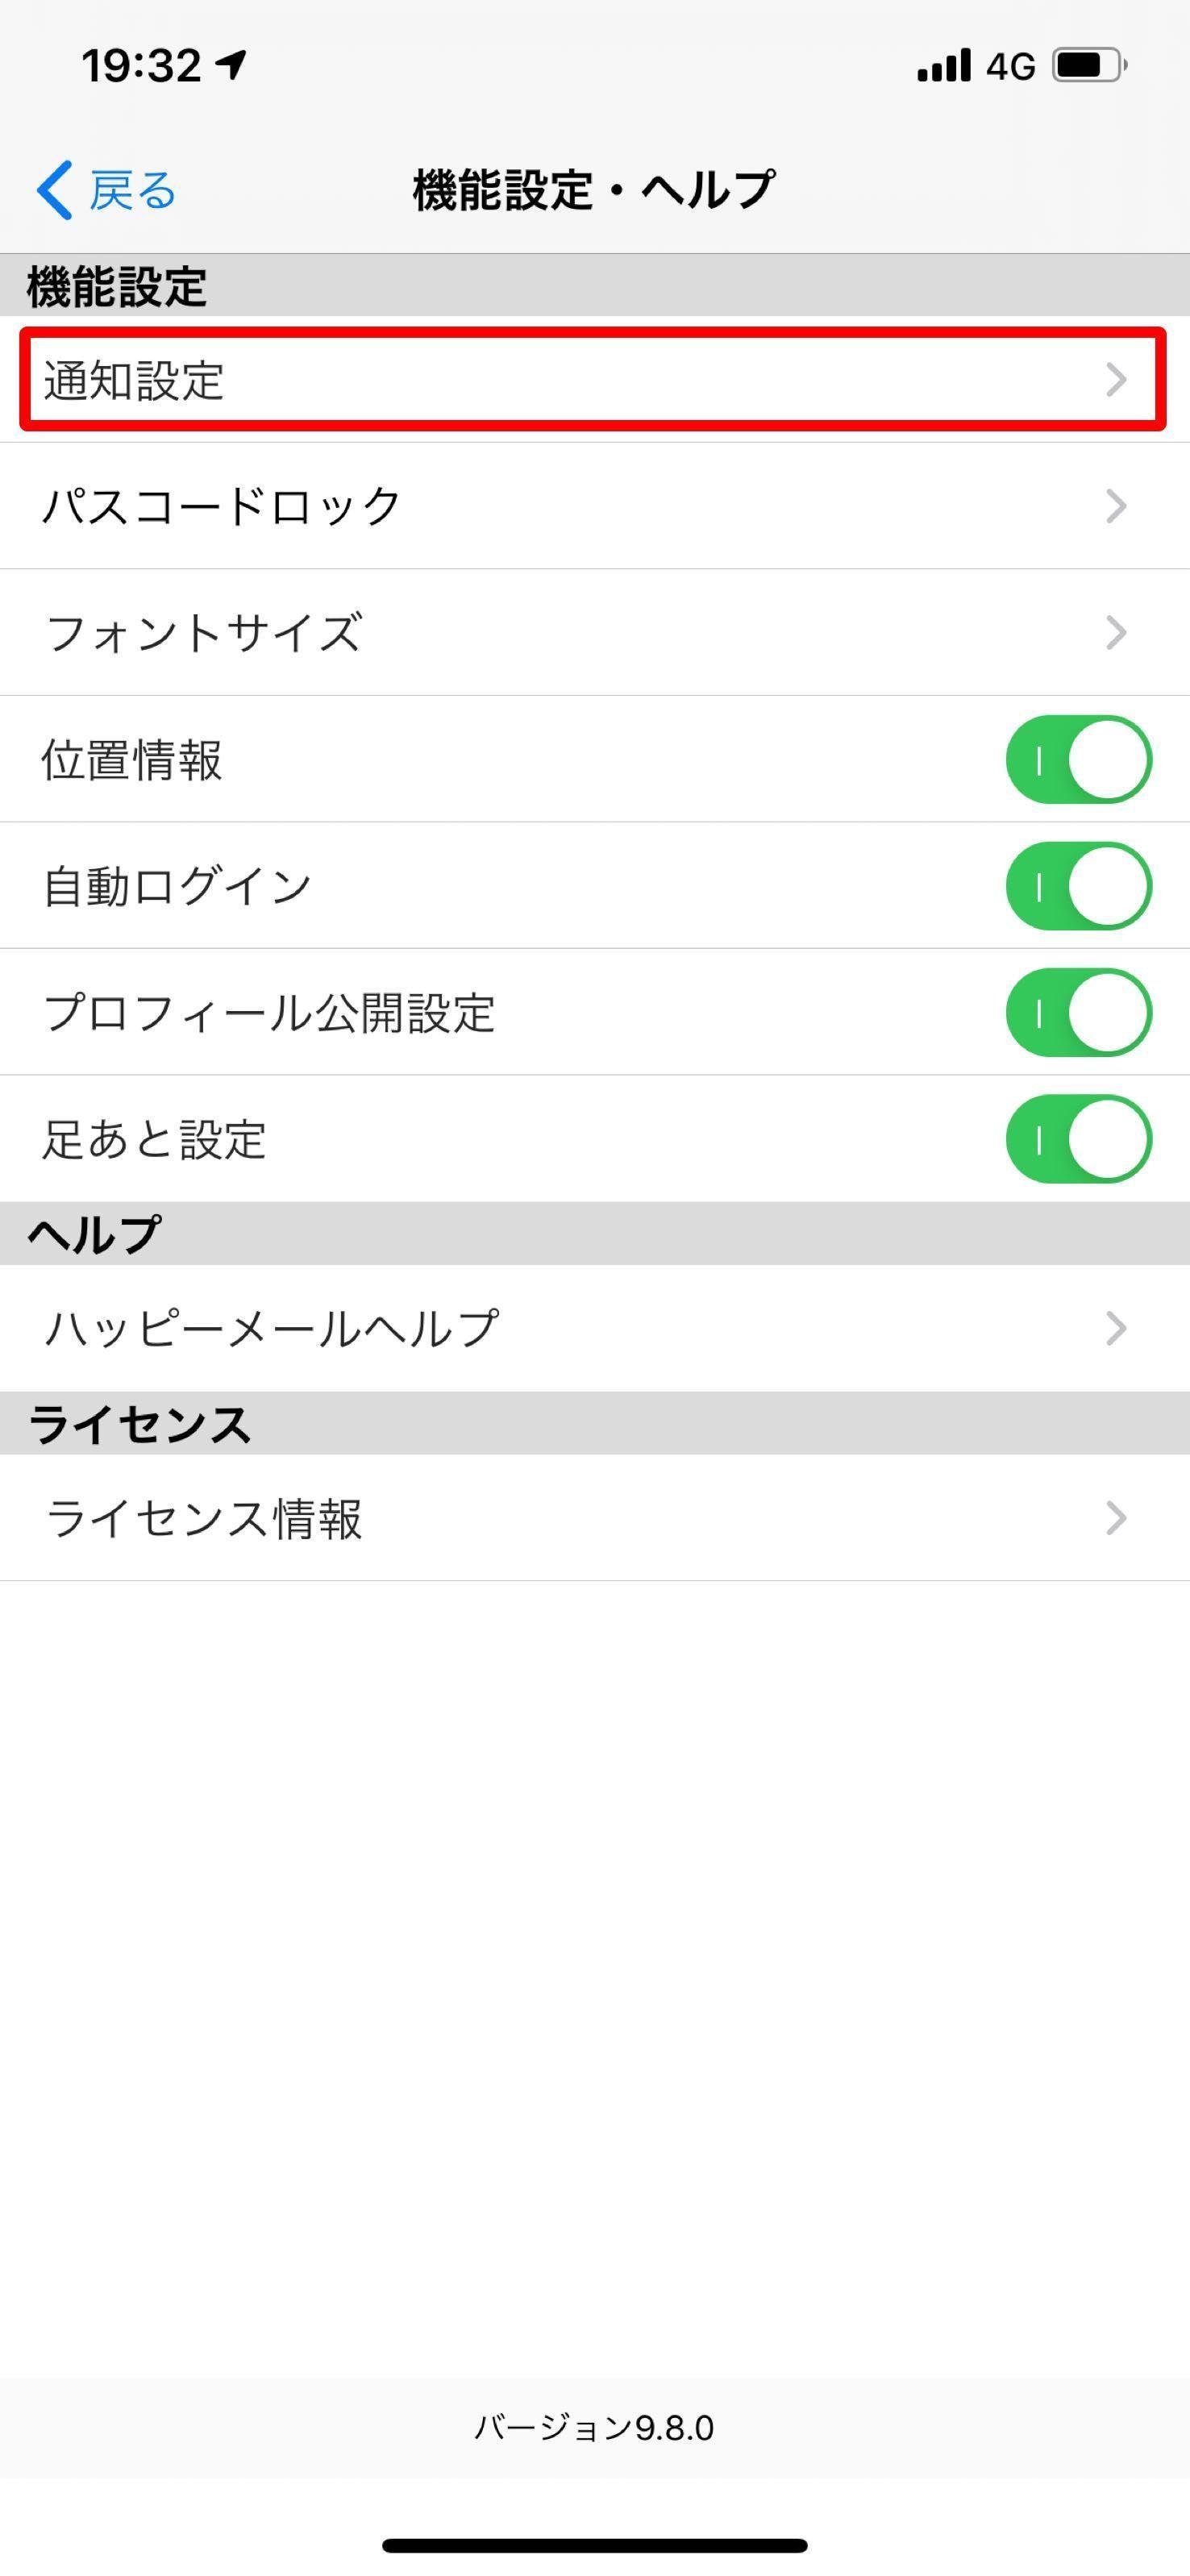 ハッピー メール アプリ 版